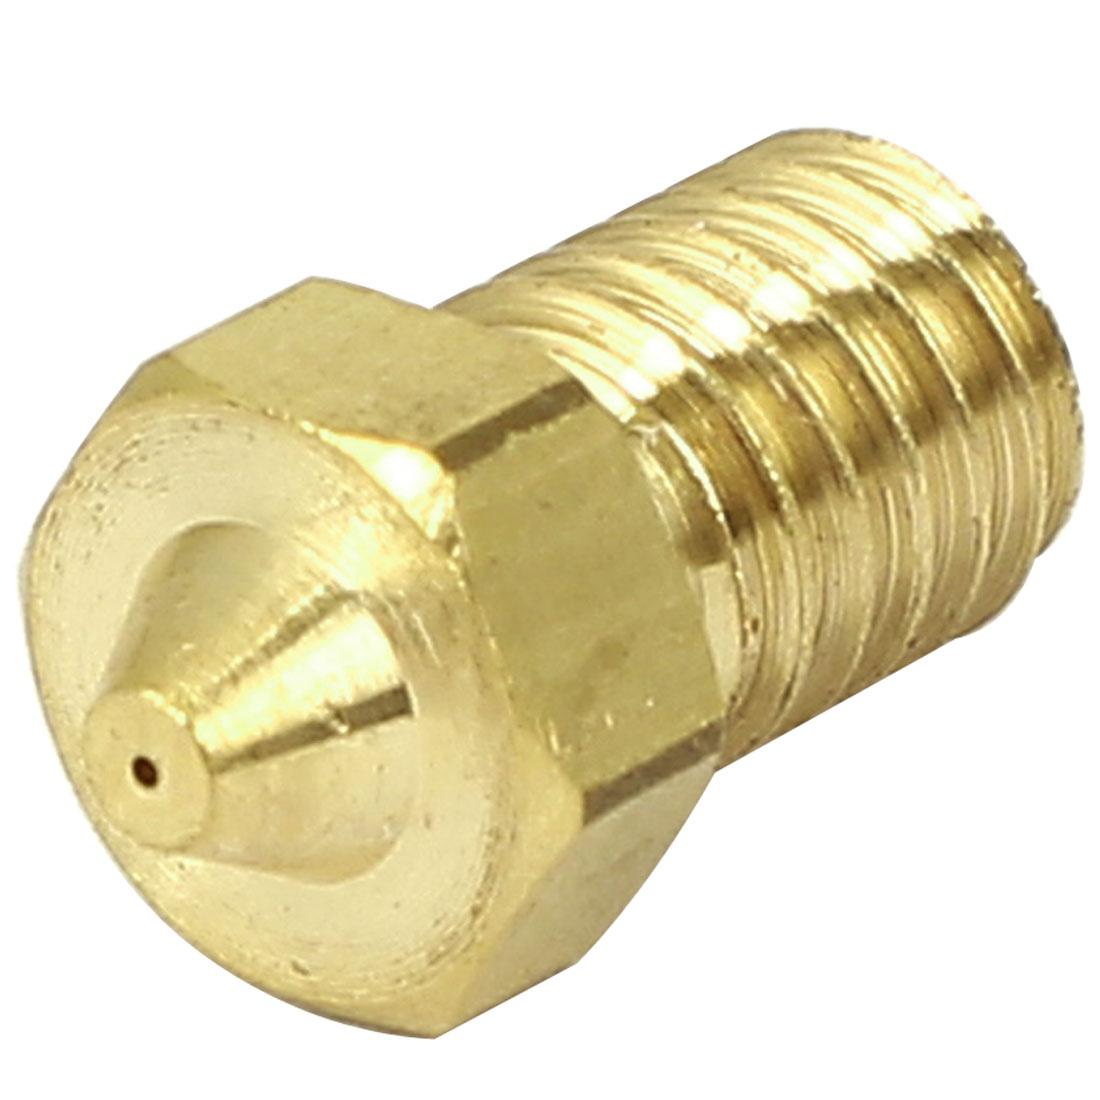 0.4mm Nozzle 3D Printer Extruder Head Hot End for J-head 1.75mm Filament